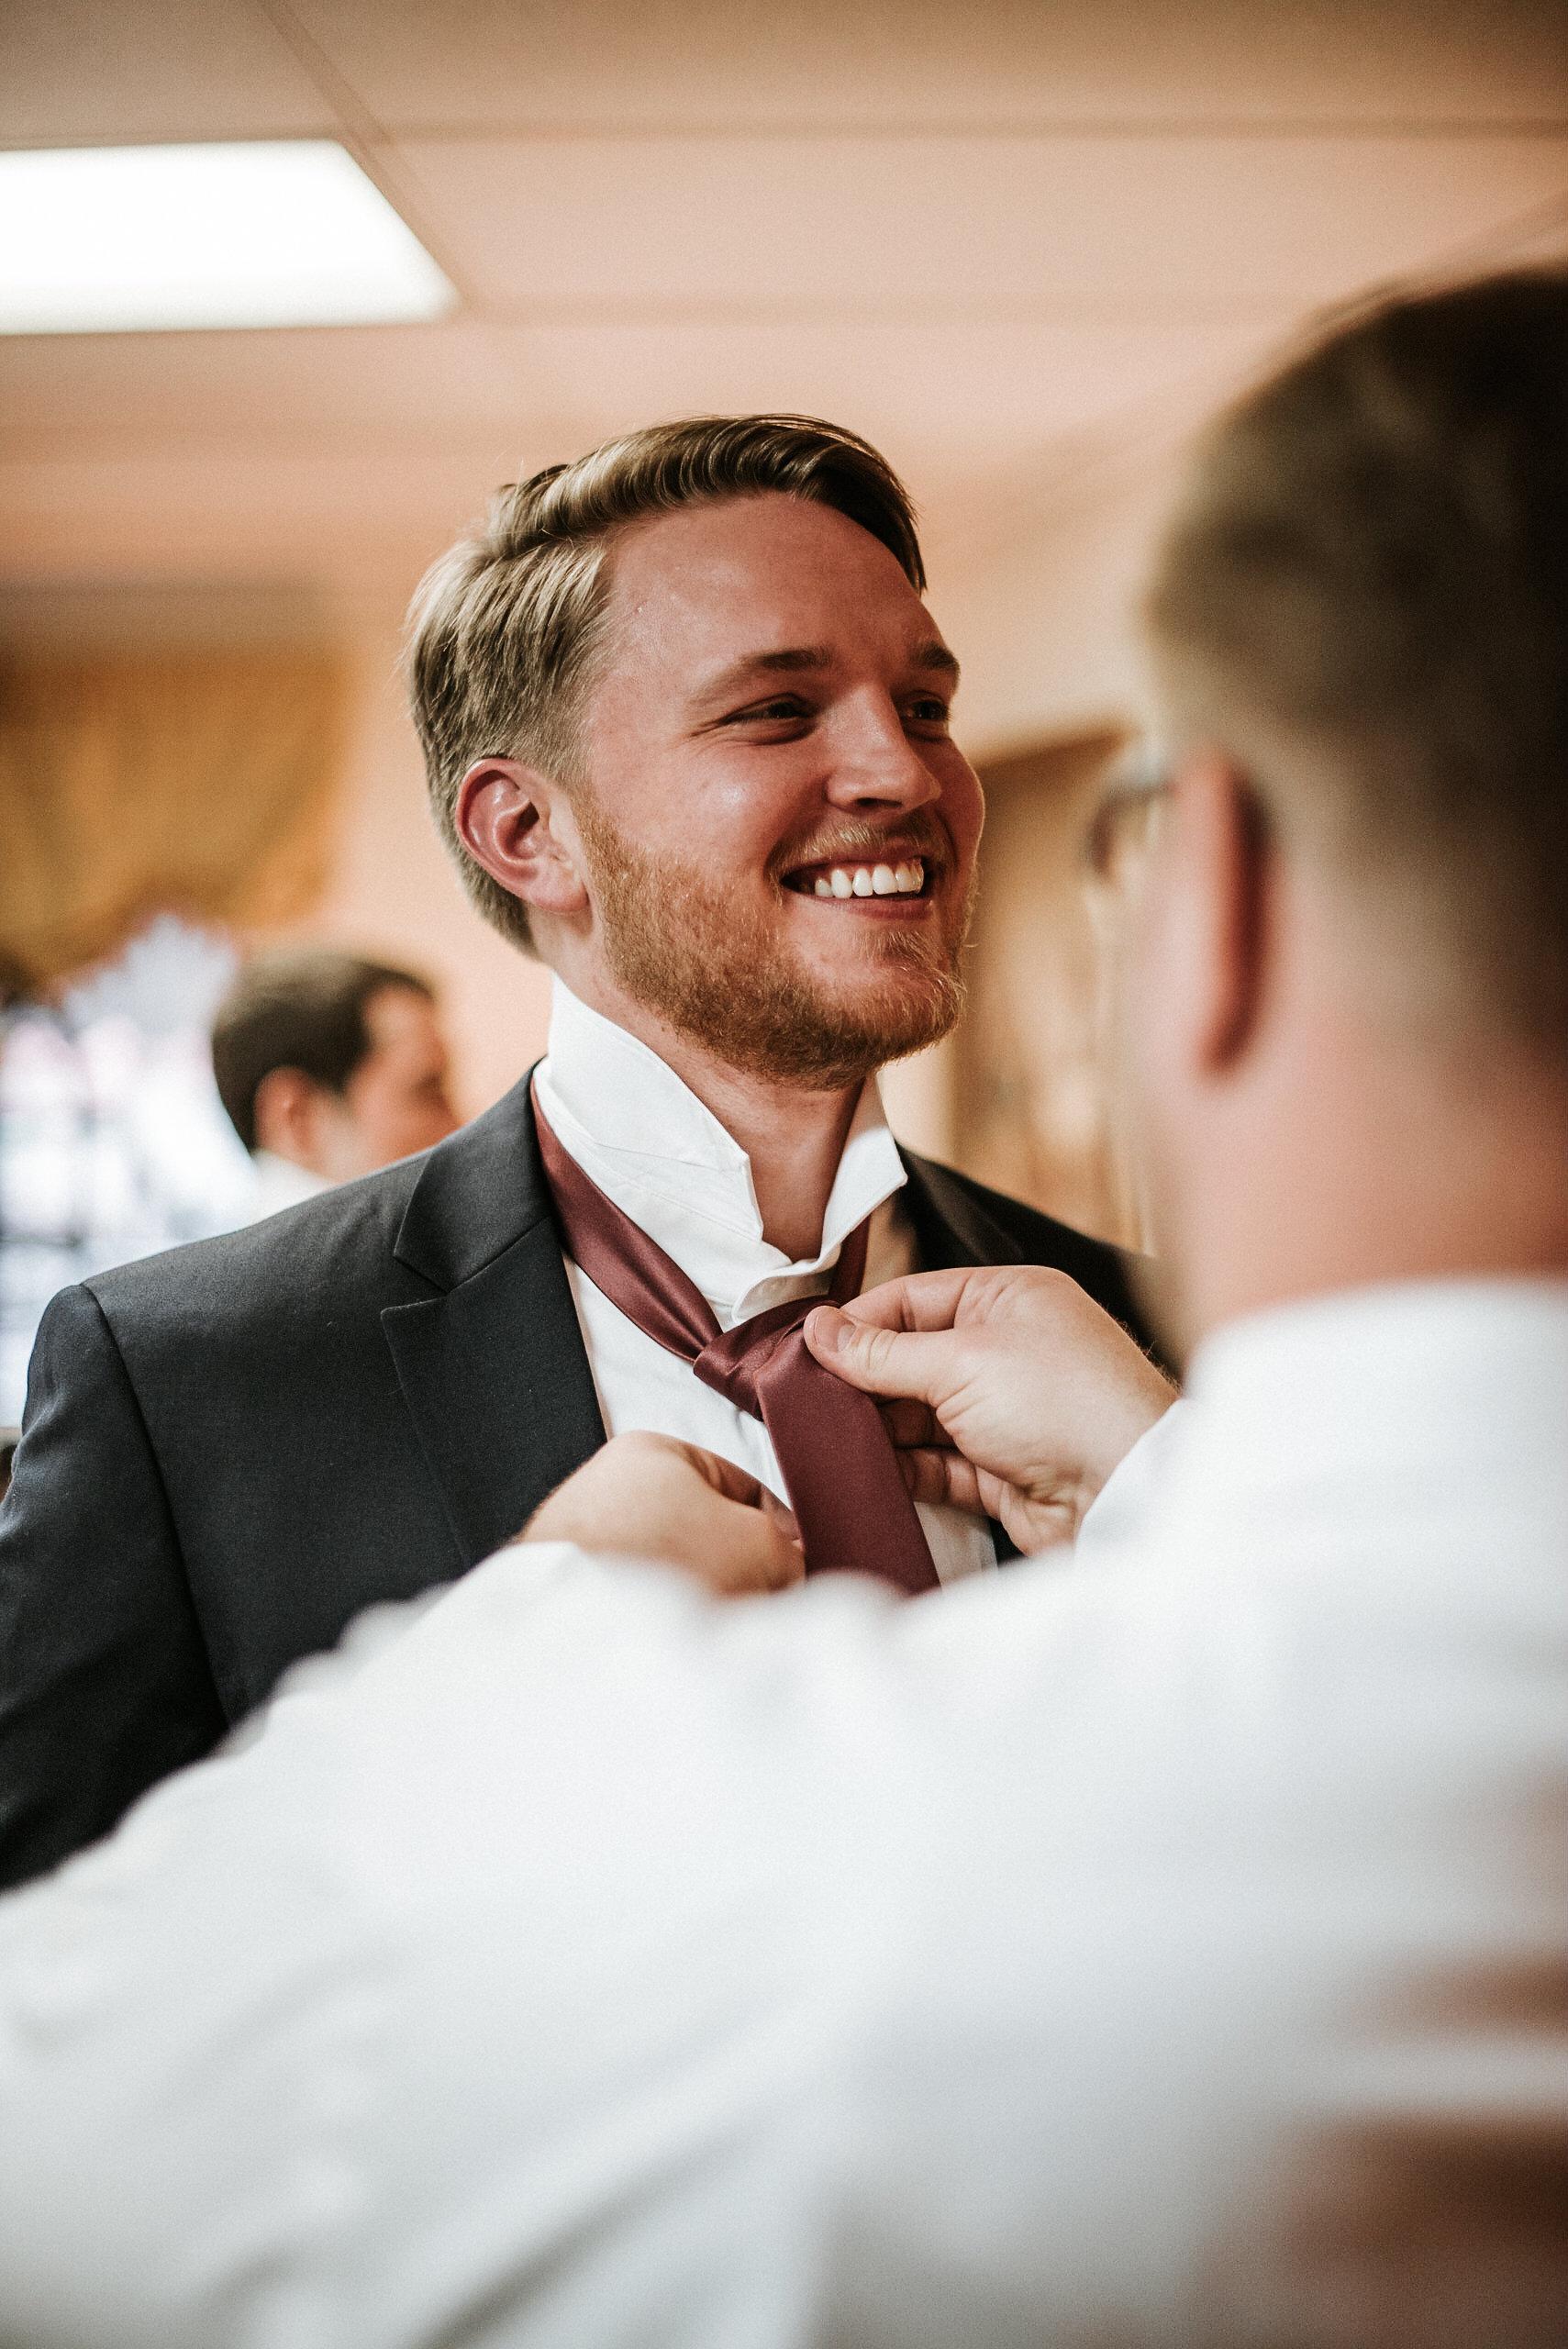 Groom getting tie tied before wedding